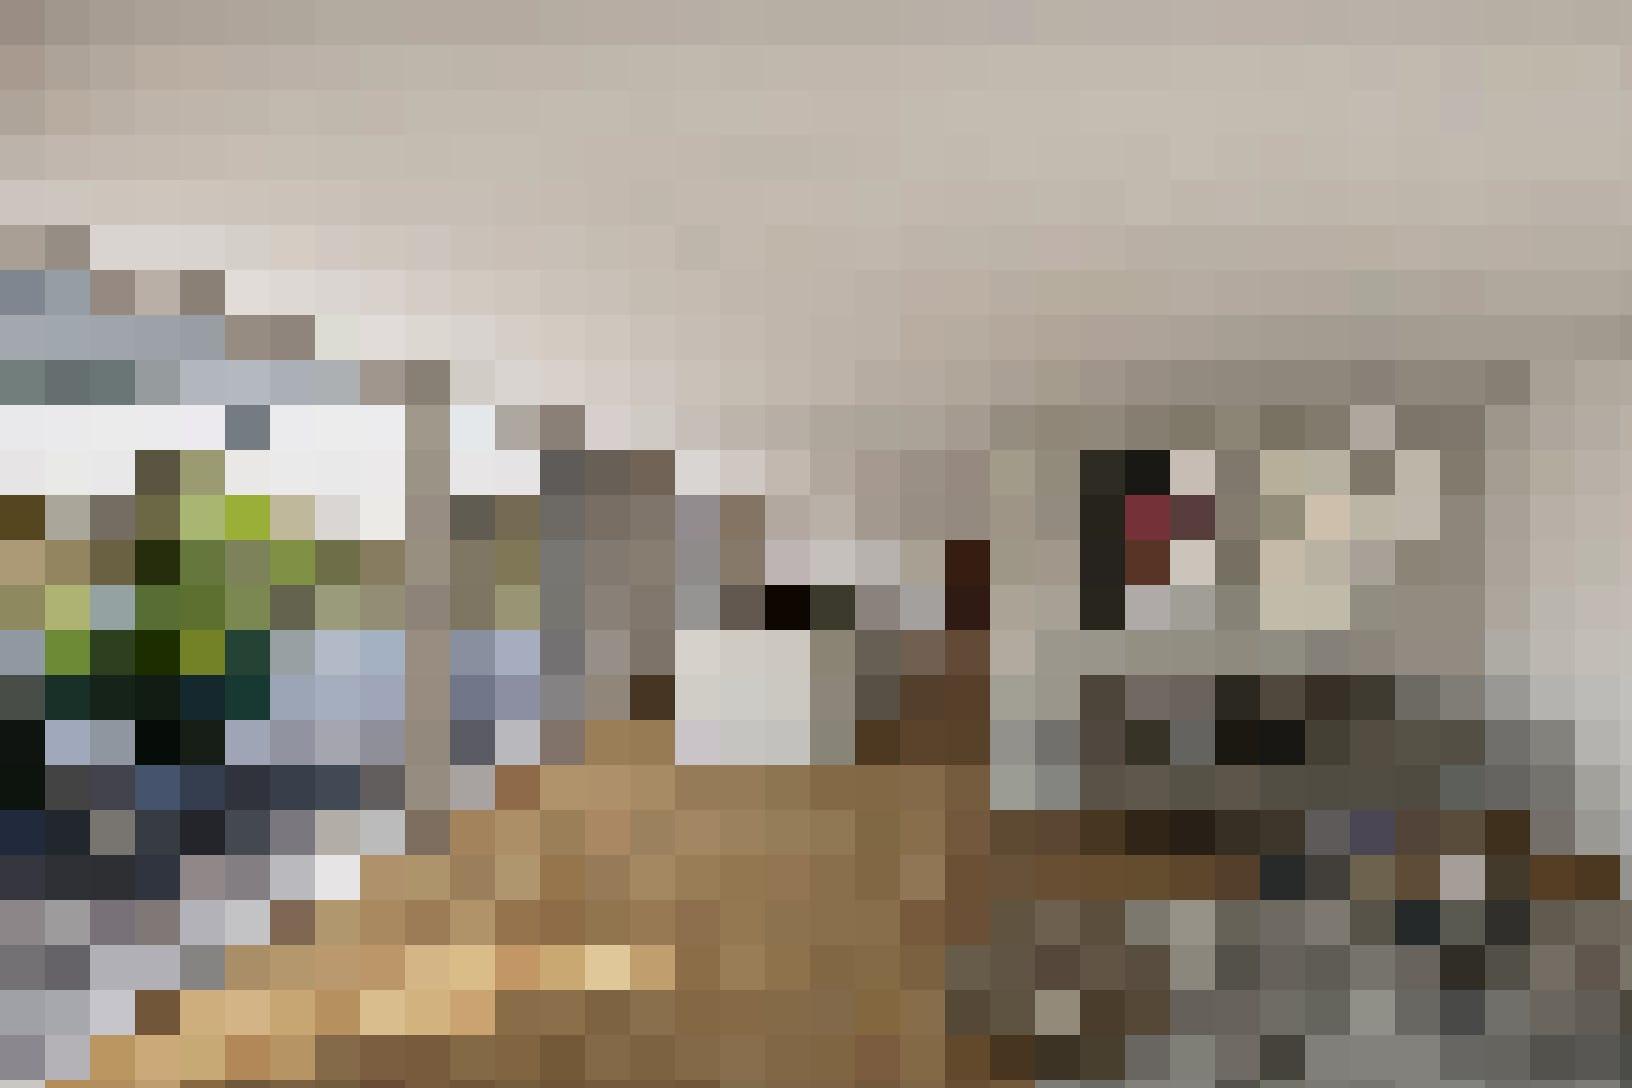 Das grosszügige Wohnzimmer und die offene Terrasse verleihen den Wohnungen einen Loft-artigen Charakter.